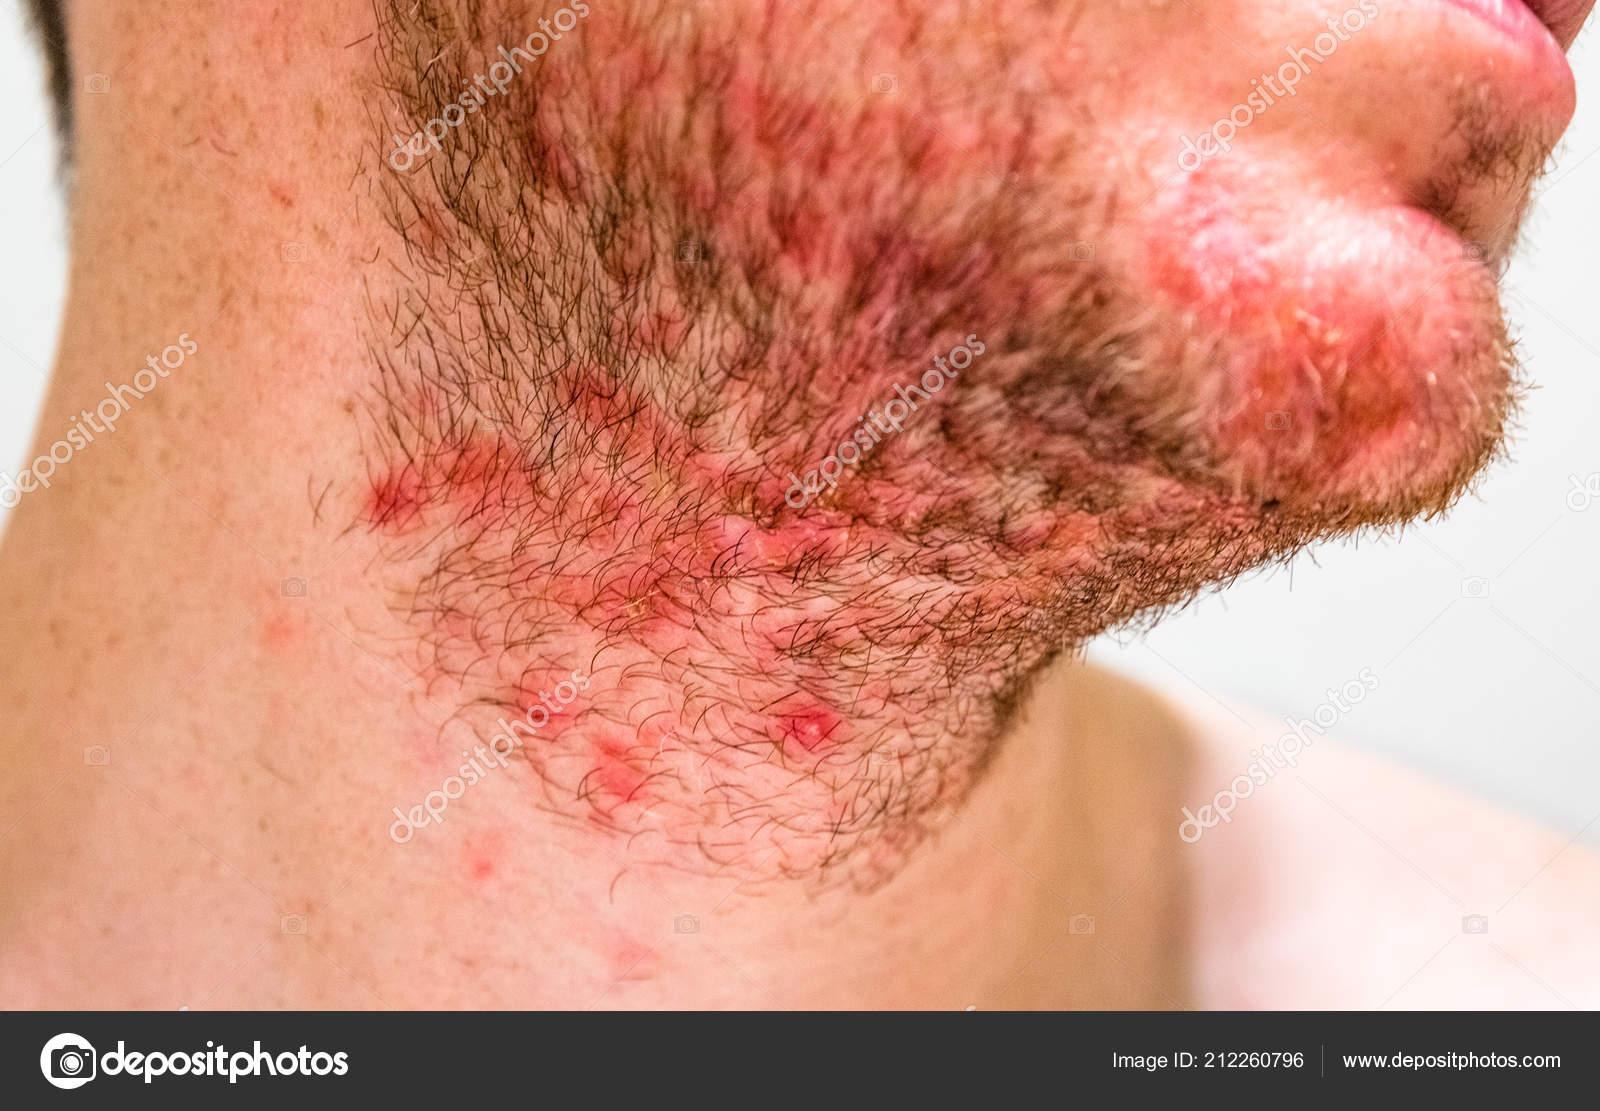 szakáll dermatitis papillom entfernen oder nicht